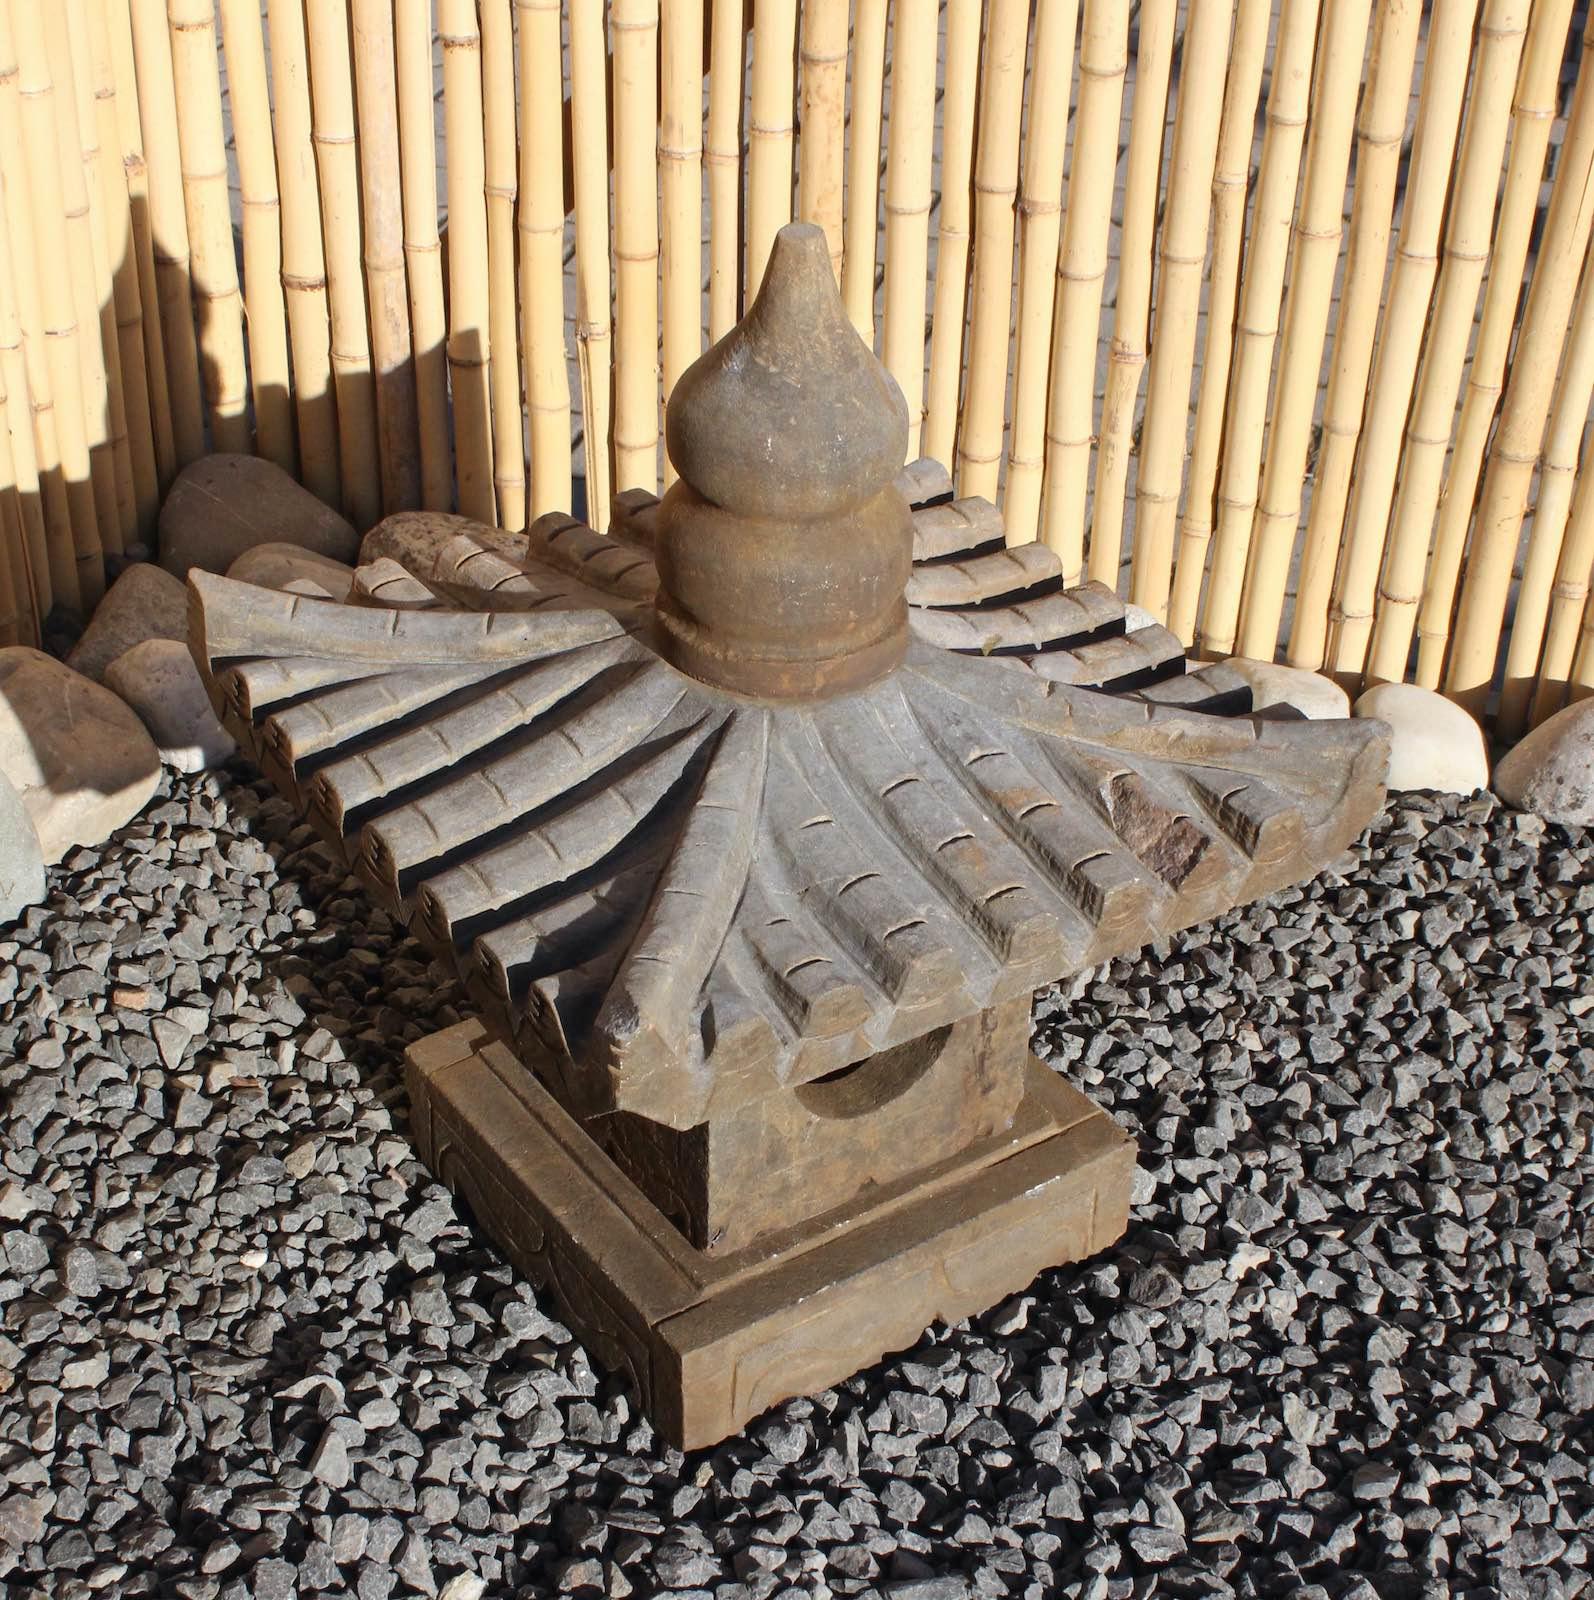 Détails Sur Asiatique Lanterne En Pierre Jardin Japonais Naturelle Déco  Pagode Geisterhaus destiné Lanterne Pierre Jardin Japonais